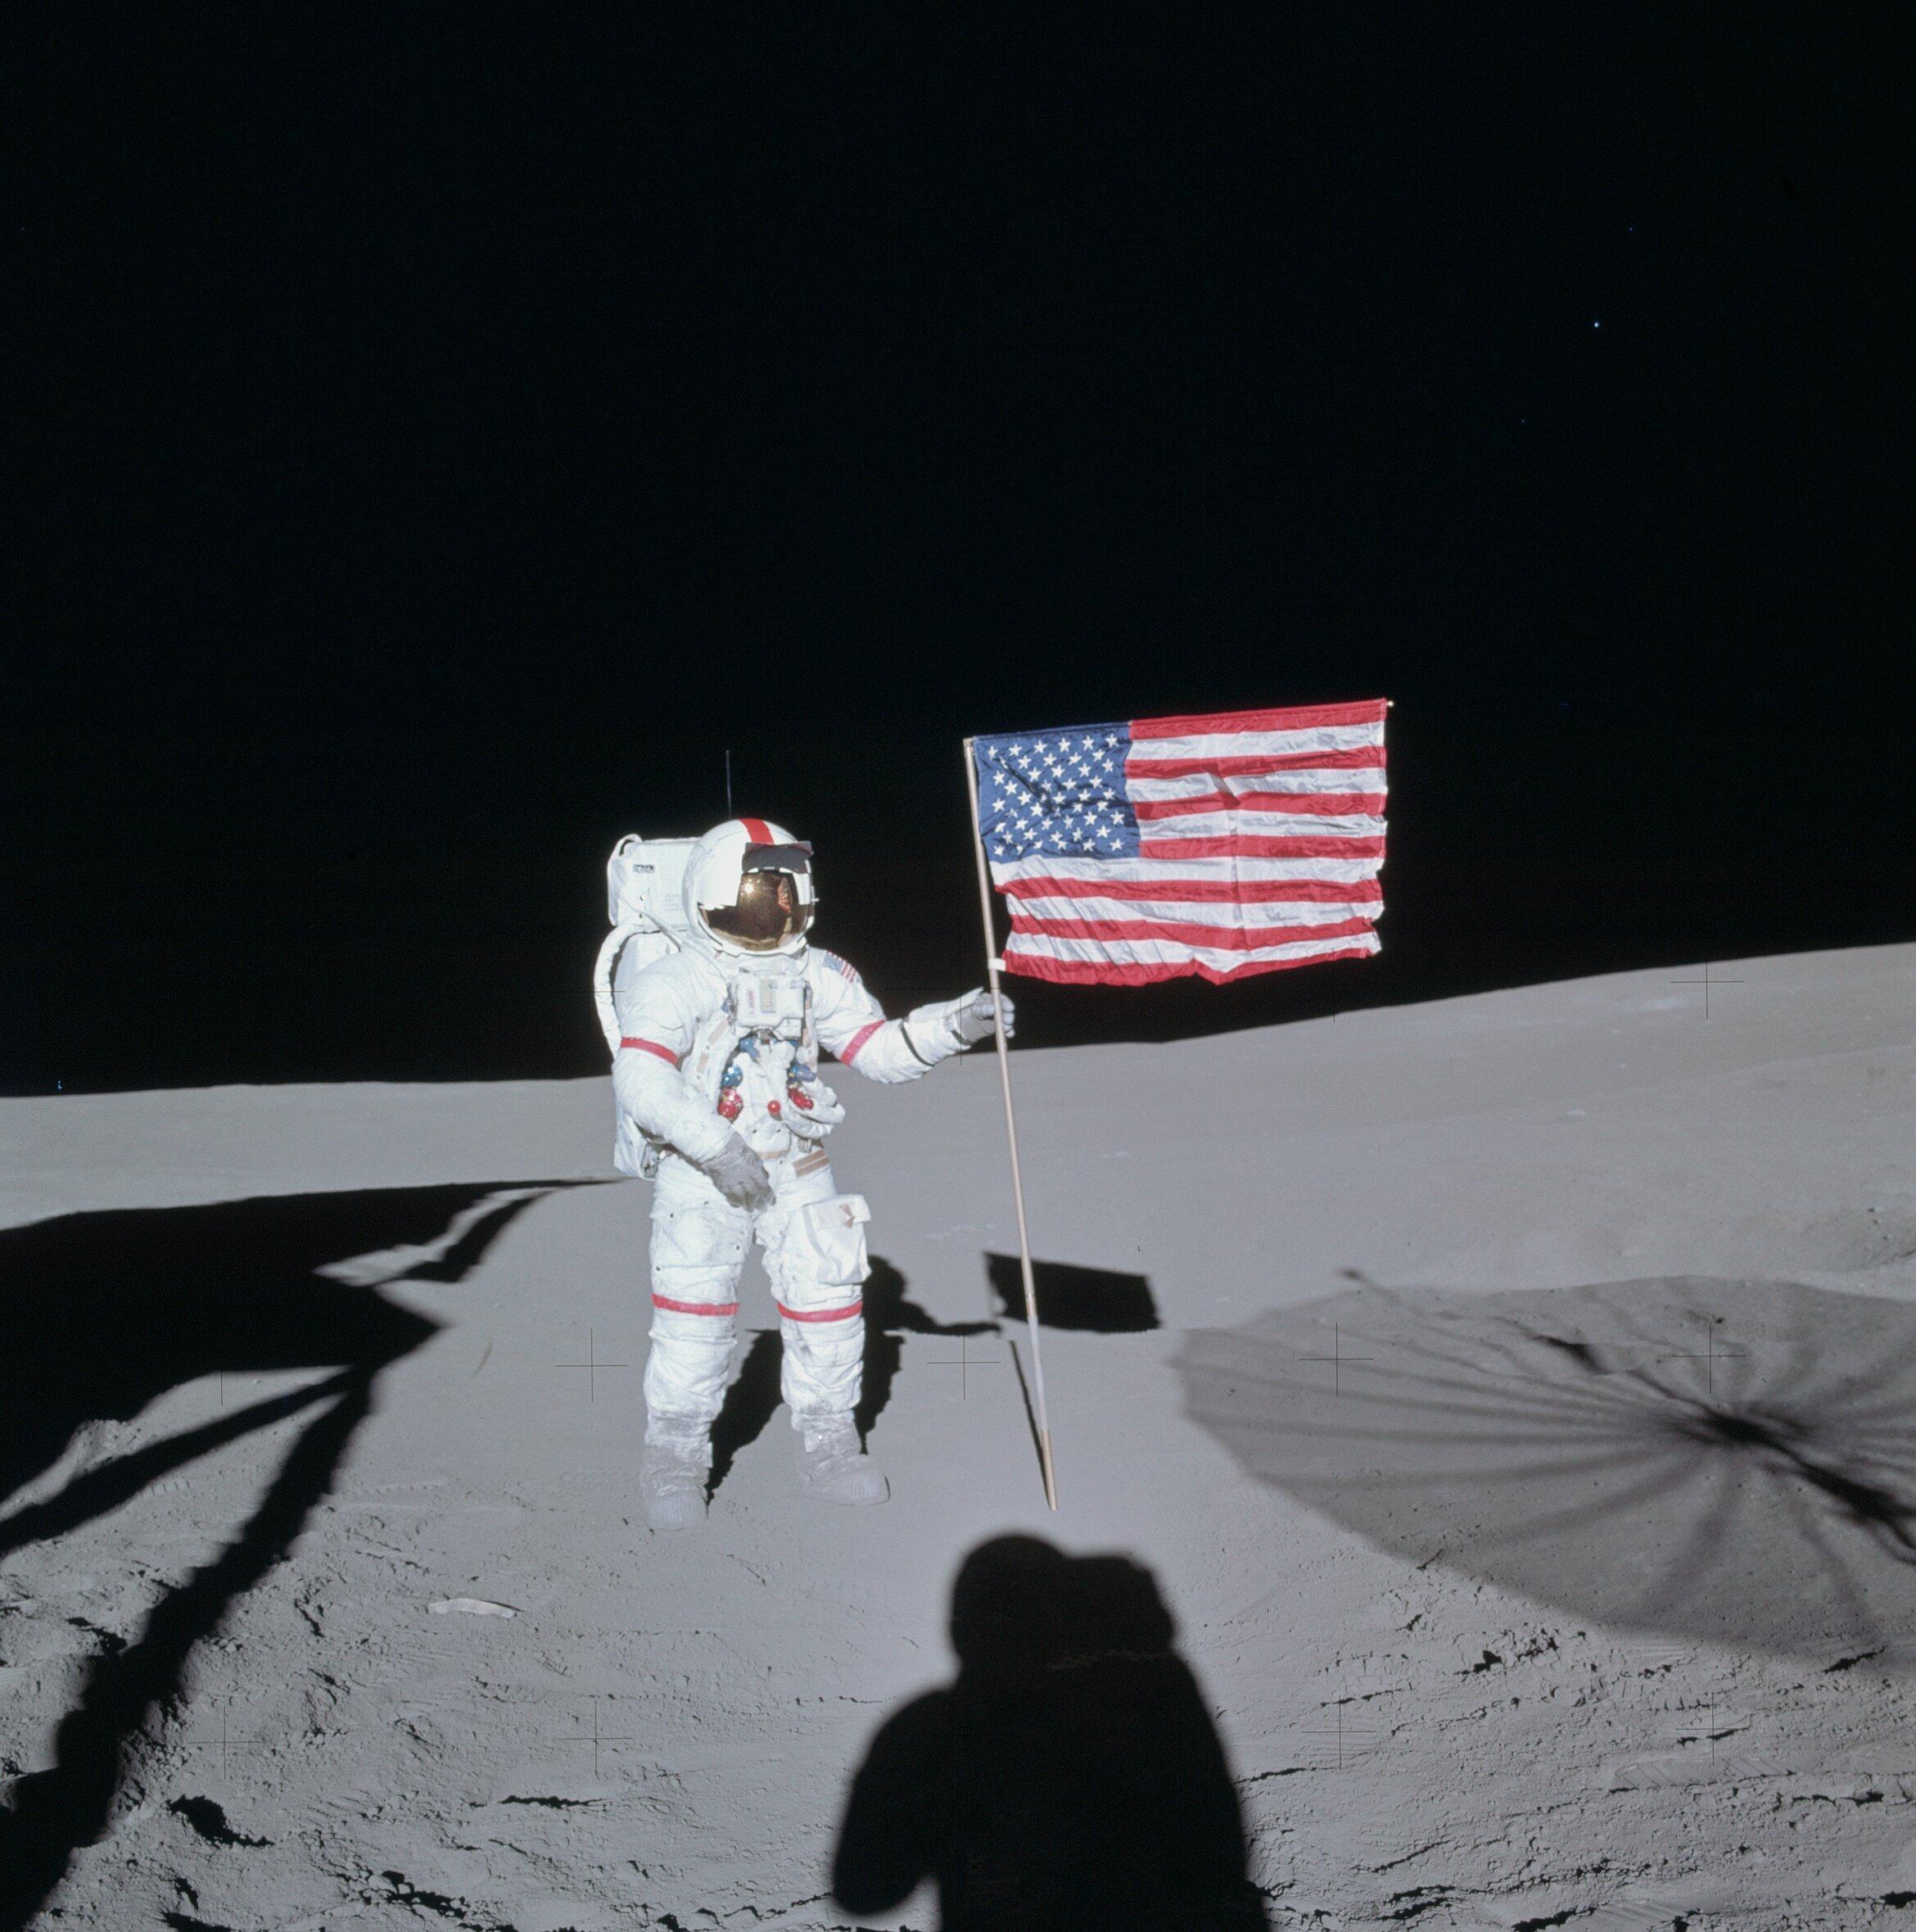 Alan B. Shepard de la mission Apollo 14 ici devant le drapeau américain a aussi eu l'occasion de jouer au golf sur le sol lunaire.